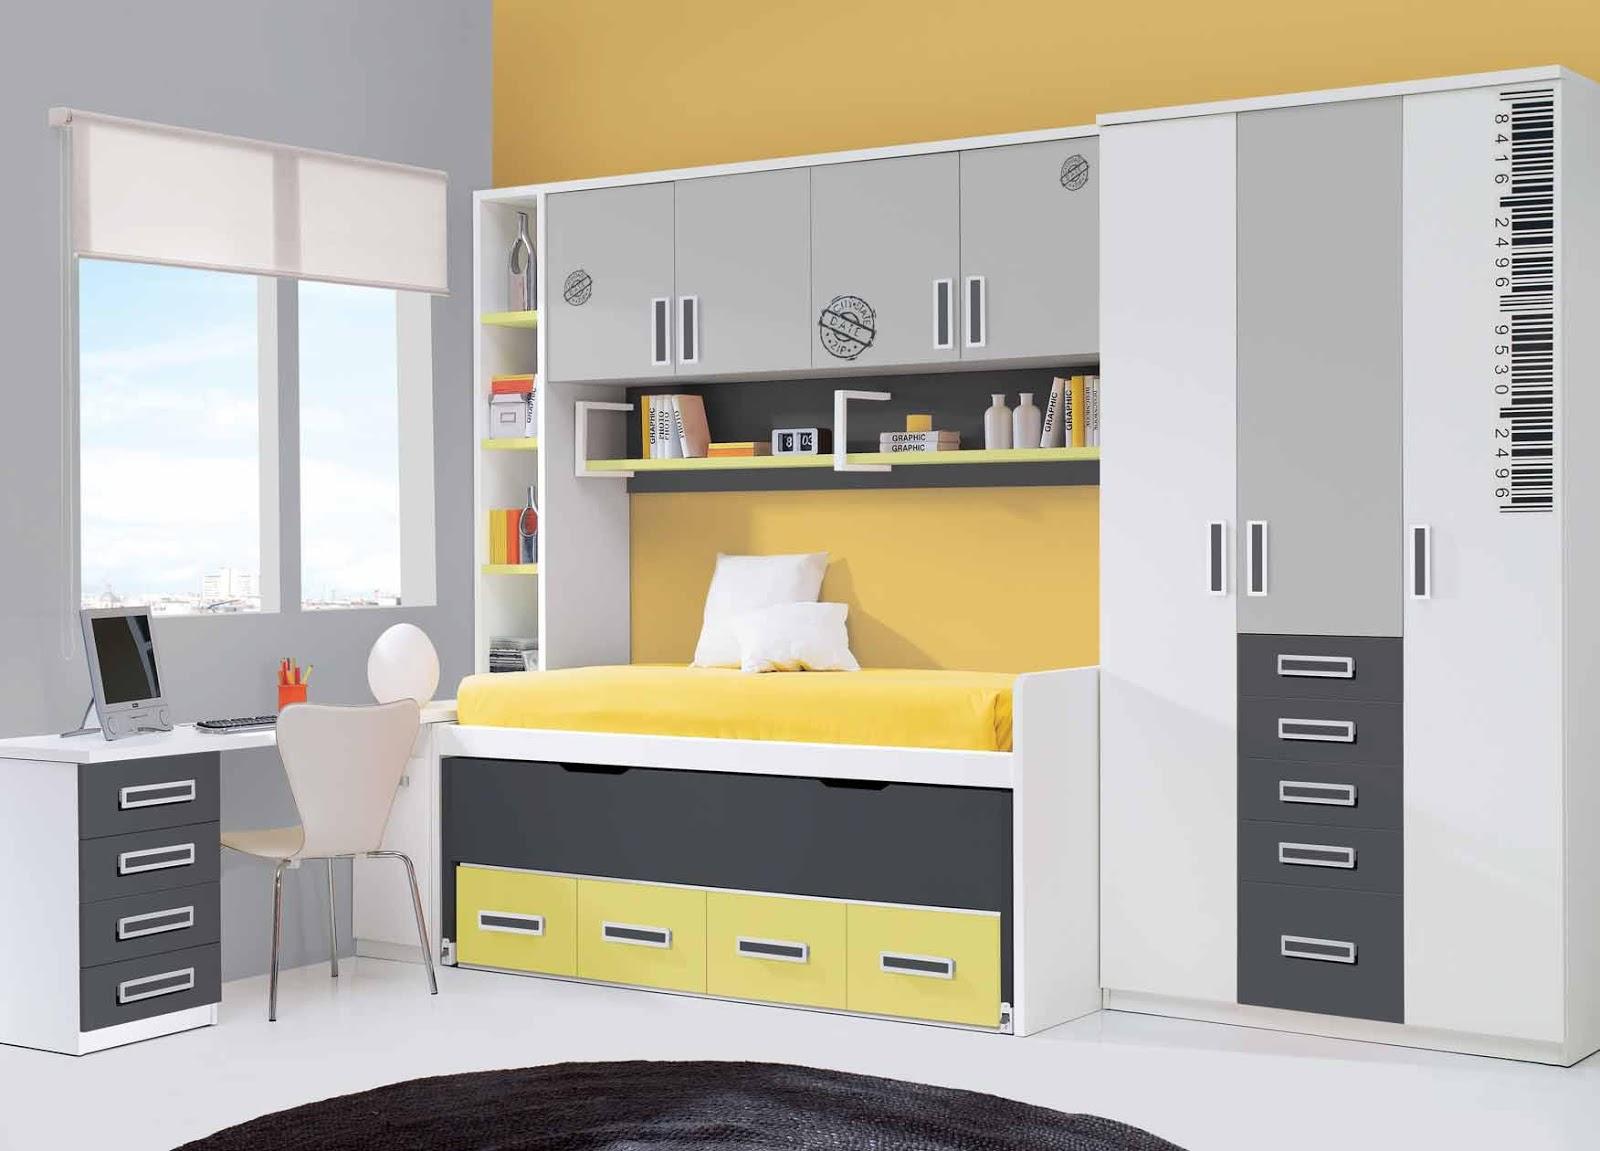 Muebles y carpinteria hnos rueda dormitorios juveniles - Dormitorios juveniles cordoba ...